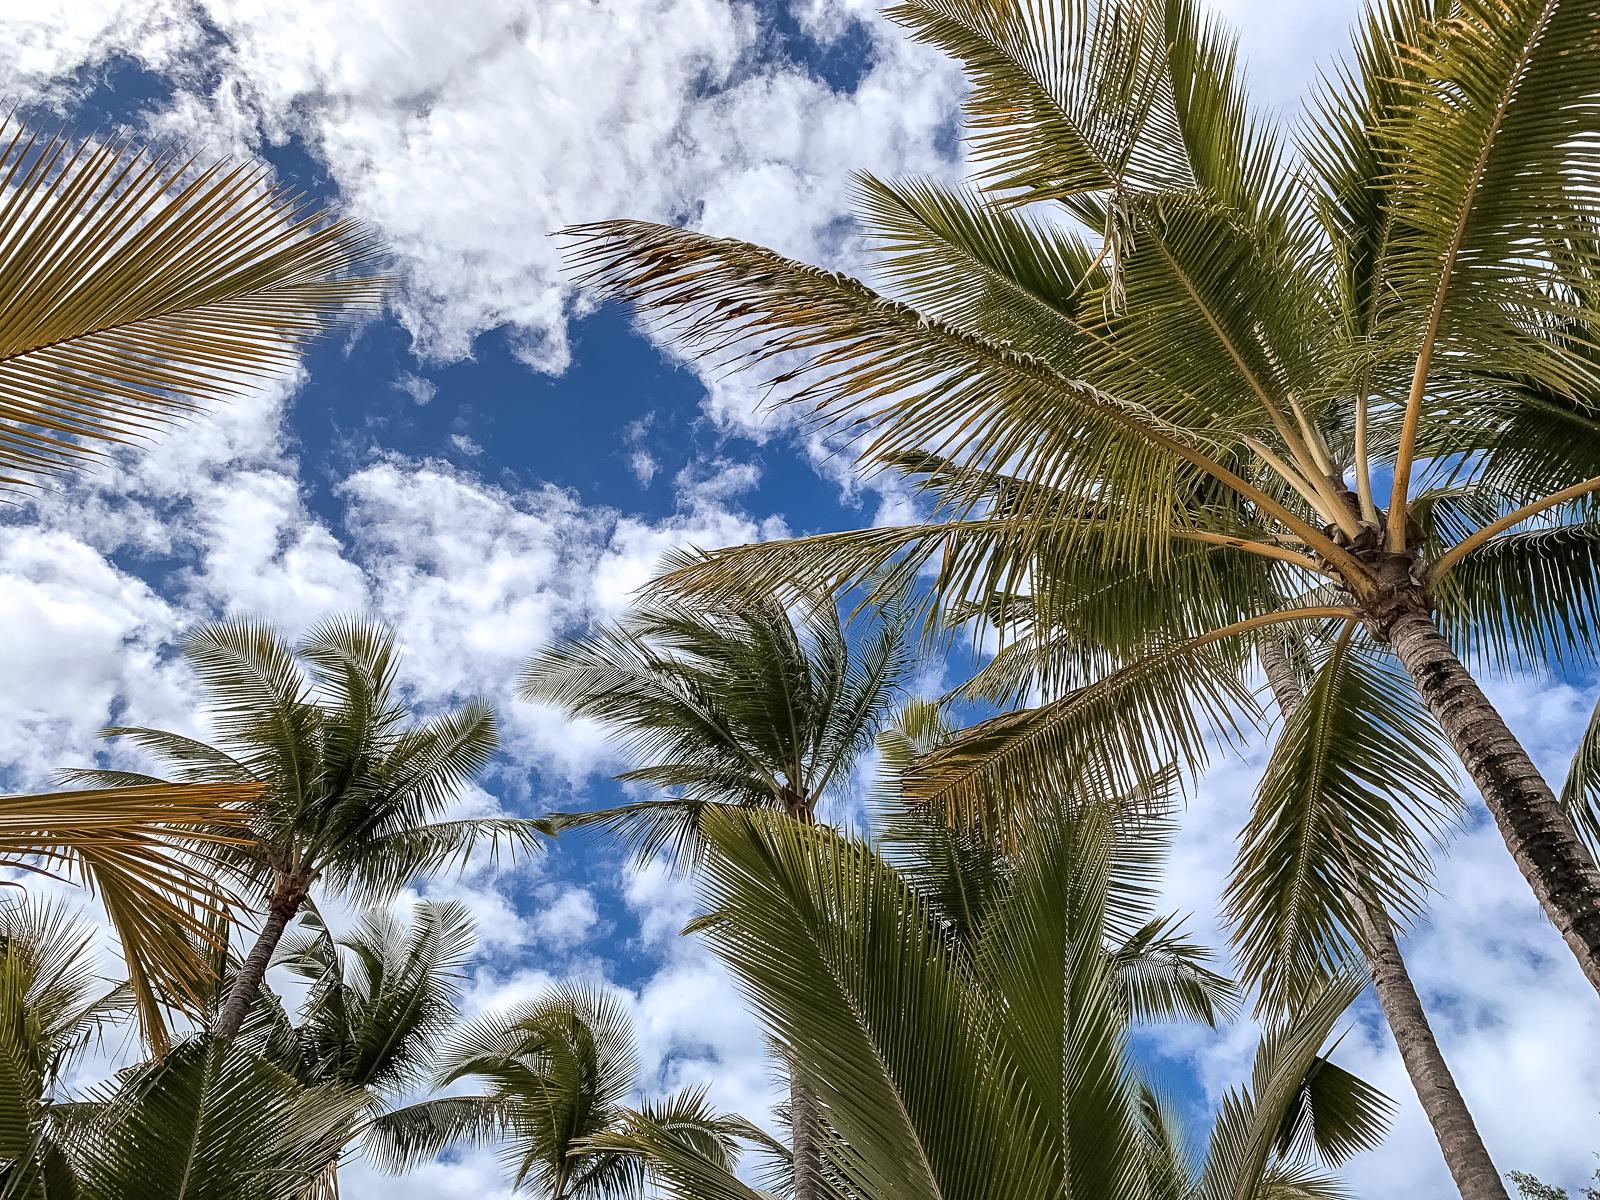 Mauritius Reisebericht - Wissenswertes und Highlights der Trauminsel - Mauritius Reise - Mauritius Sehenswürdigkeiten - Mauritius Flitterwochen - Traumreise - Paradies - schönste Insel - Traumurlaub -Tipps für Mauritius - Mauritus Reiseführer - Mauritius Travel Guide - Palmen auf Mauritius - Fashionladyloves by Tamara